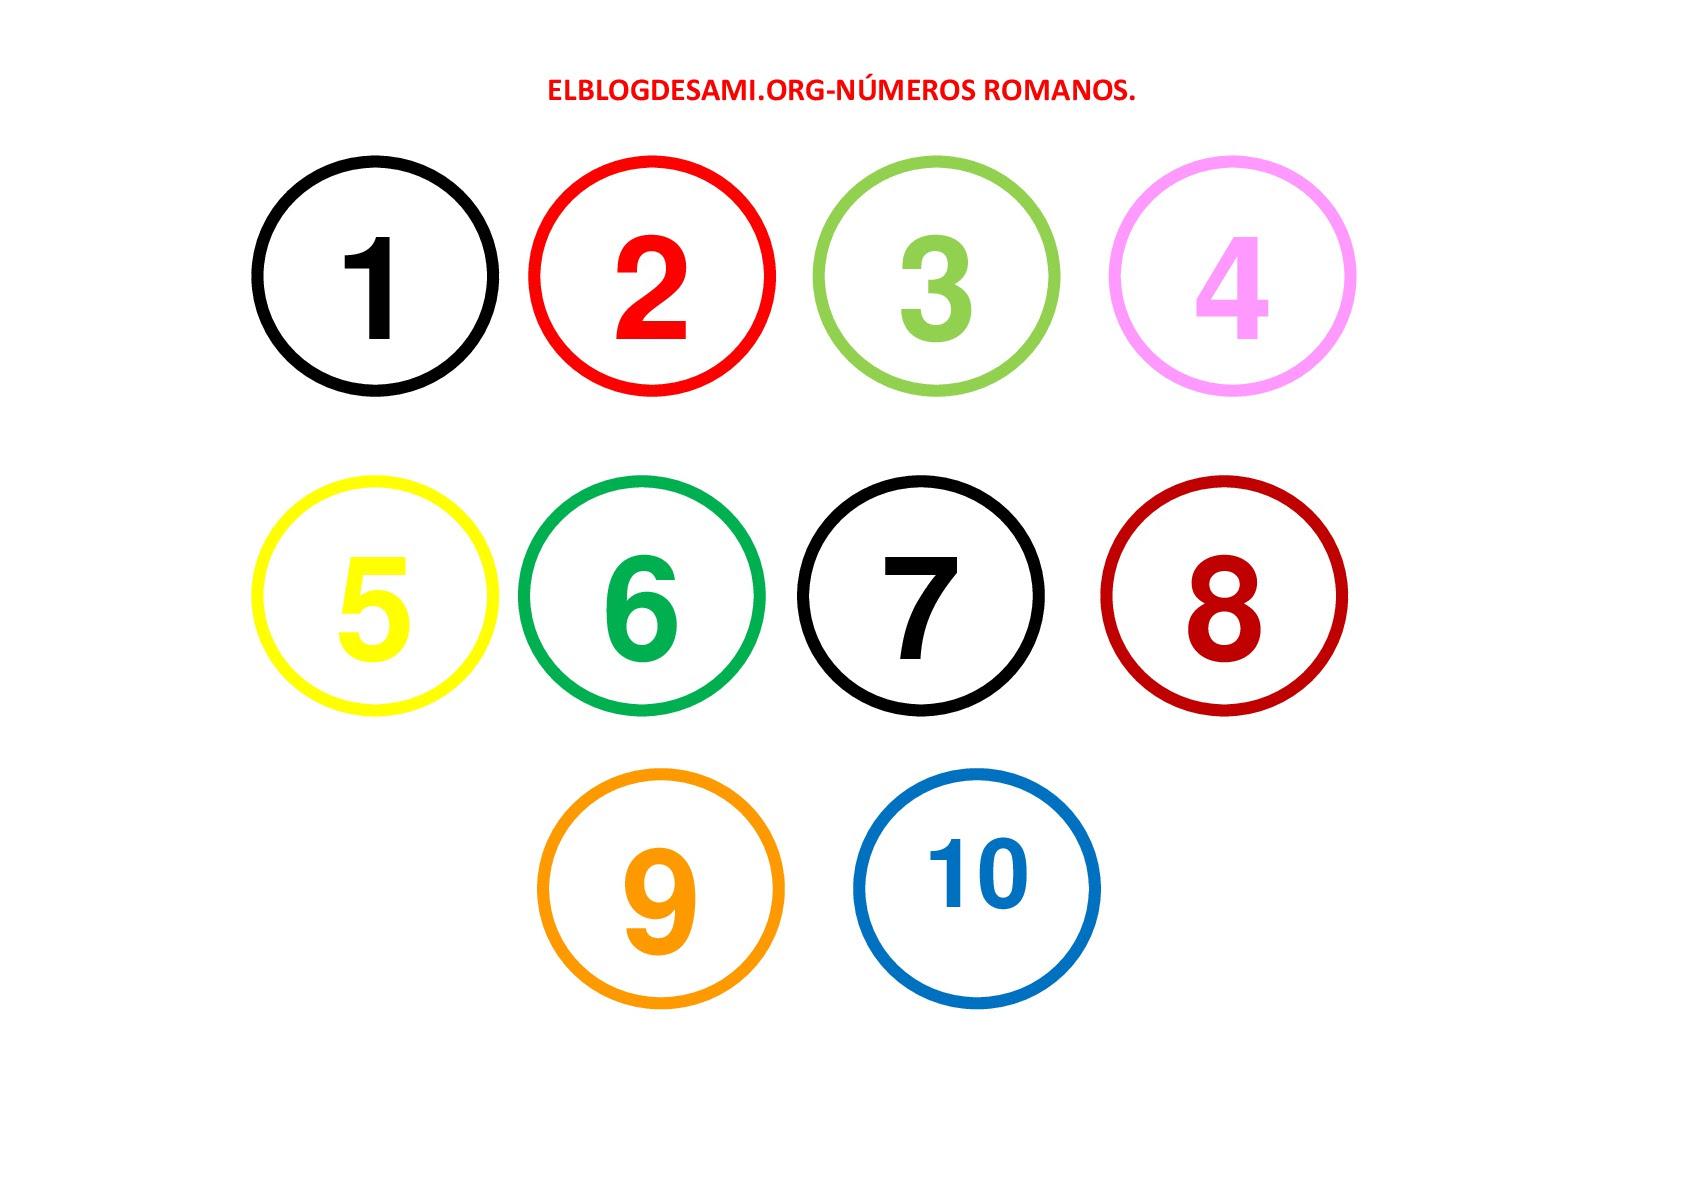 Elblogdesamiorg Circulos Numeros Romanos 002 El Blog De Sami